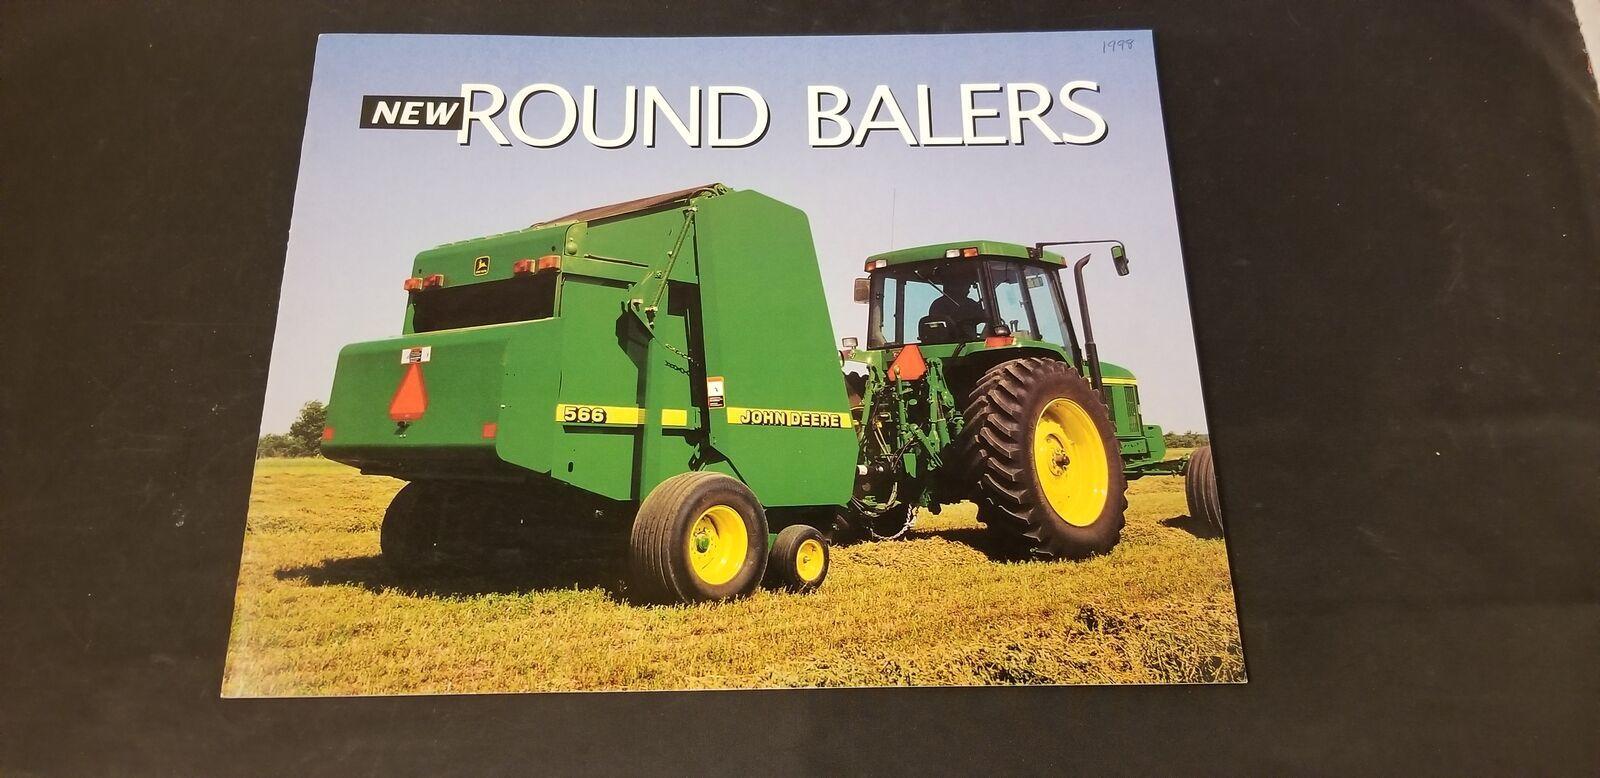 1997 John Deere Round Balers #446-546-456-556-465-566 Sales Brochure W/ Specs - $9.62